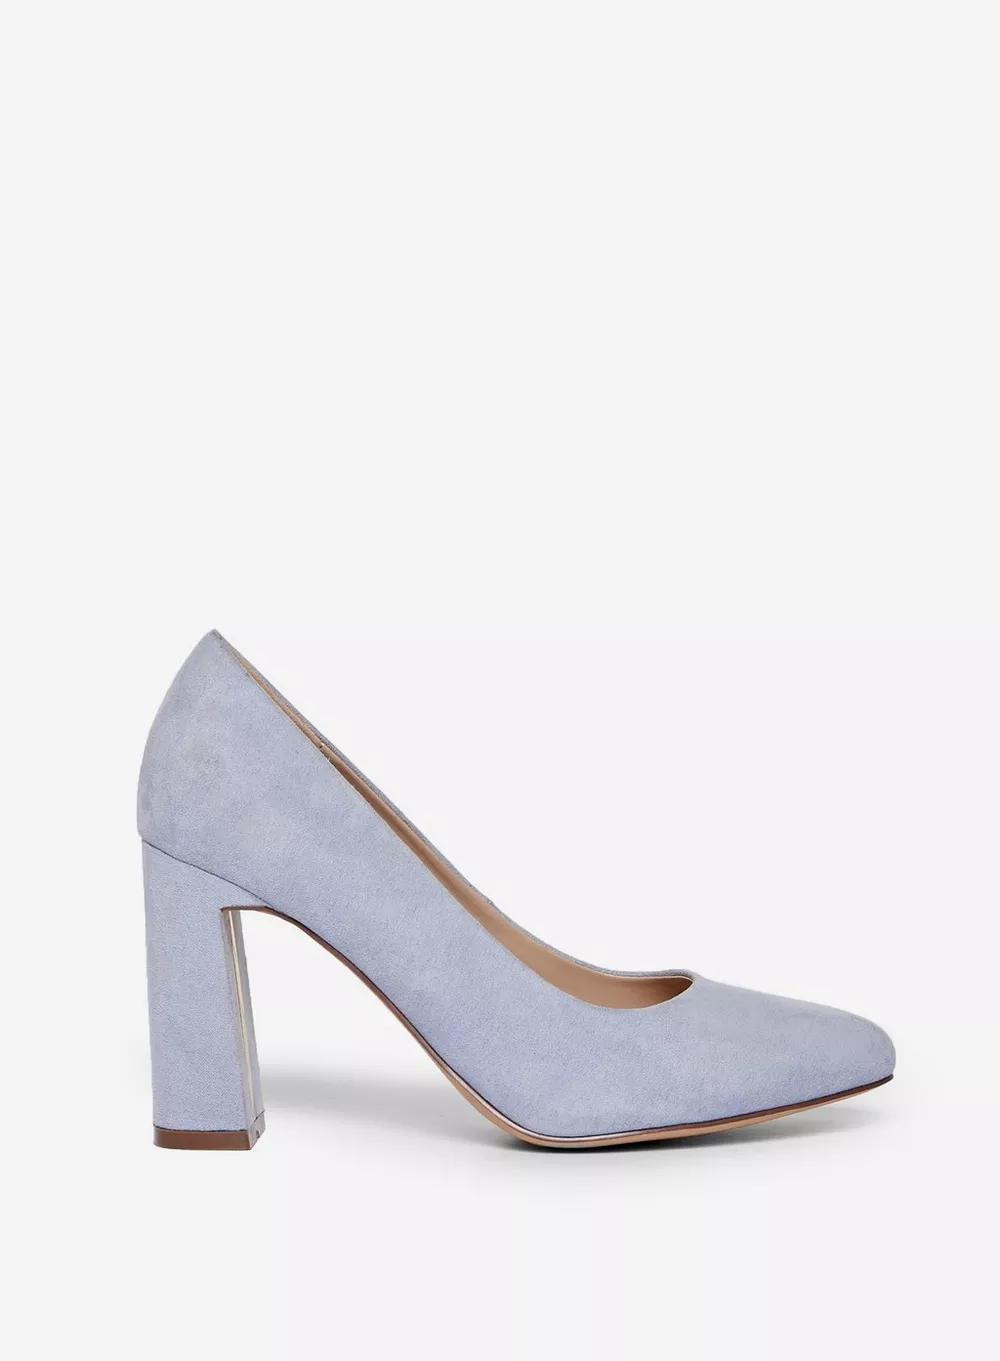 Wide Fit Blue Comfort Diana Court Shoes Blue Comfort Court Shoes Shoes